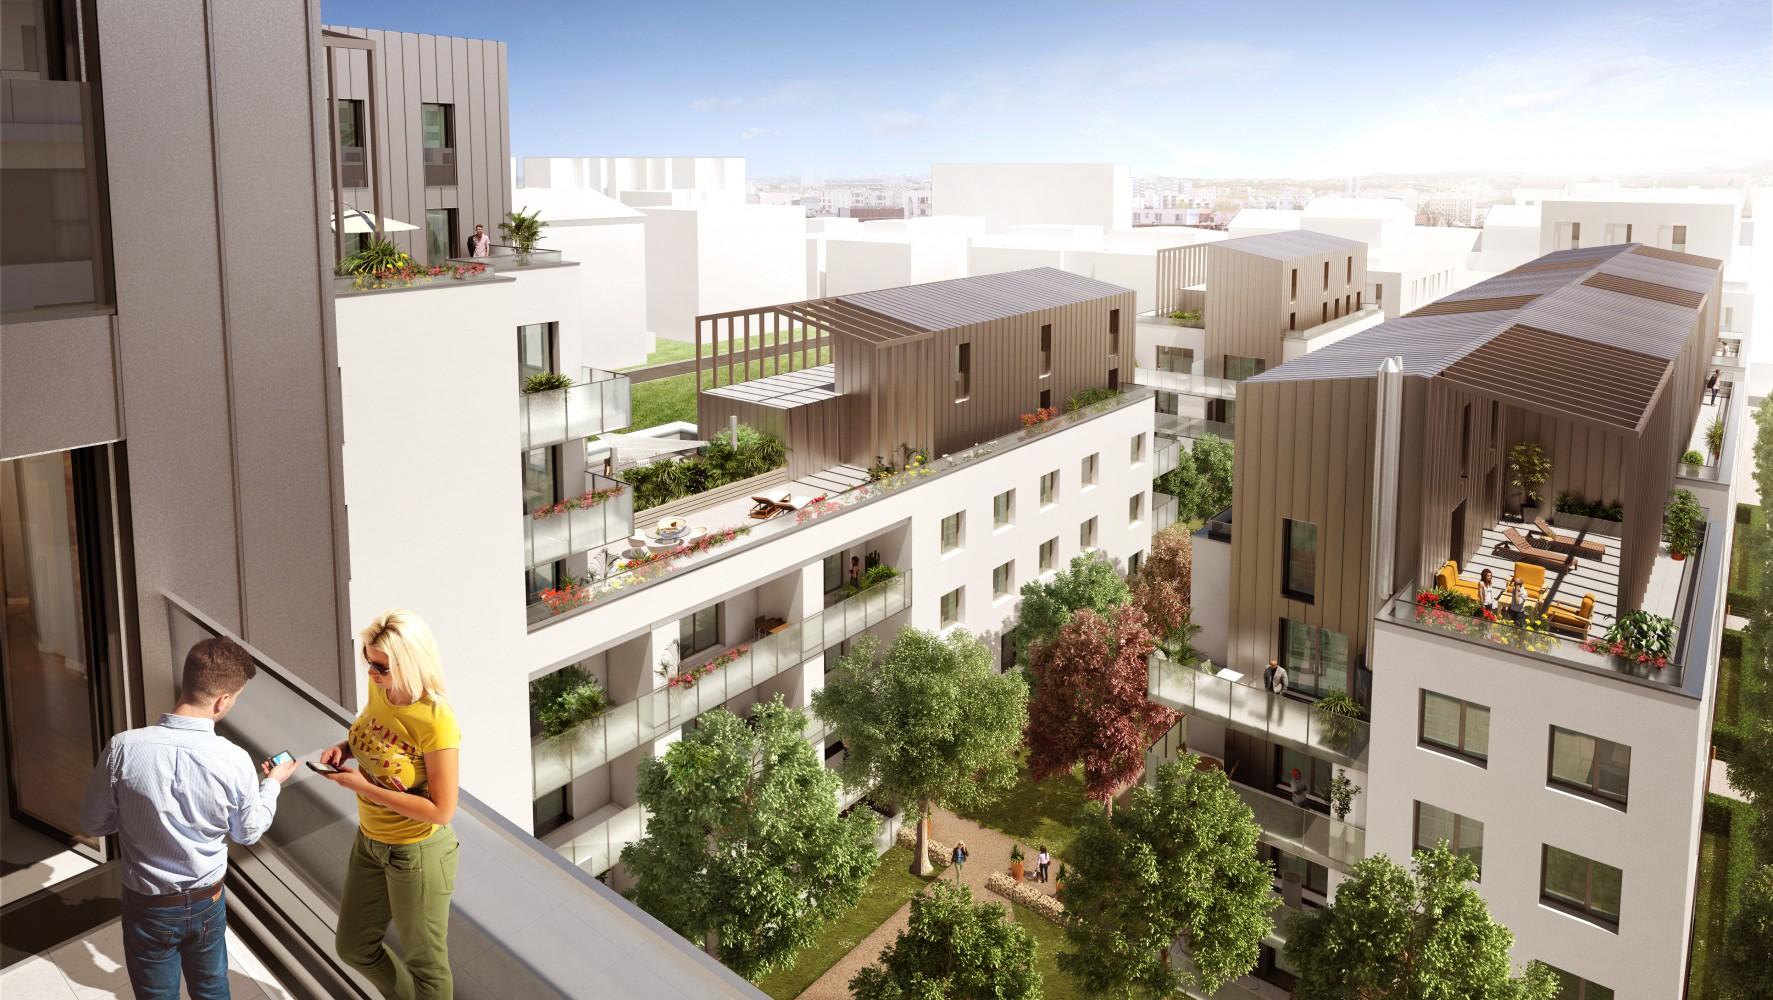 Marius programme immobilier lyon 8 me arrondissement for Programme immobilier